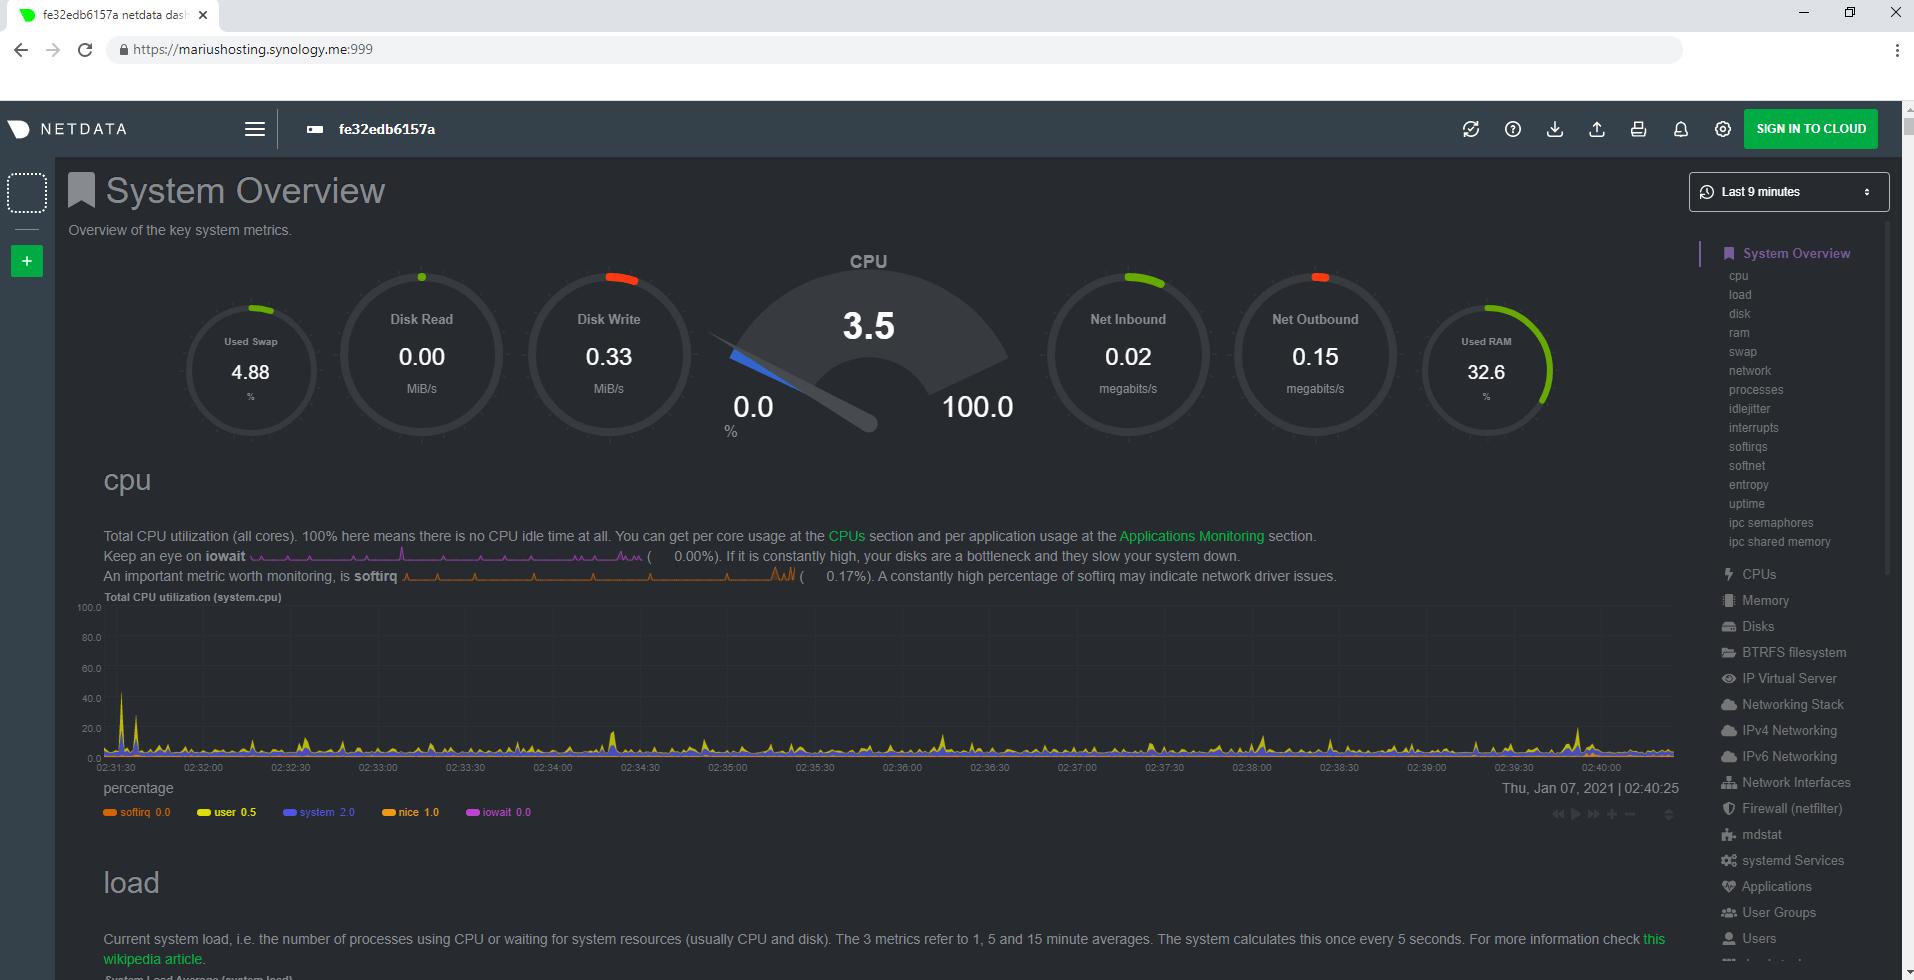 5 Synology Netdata setup HTTPS SSL